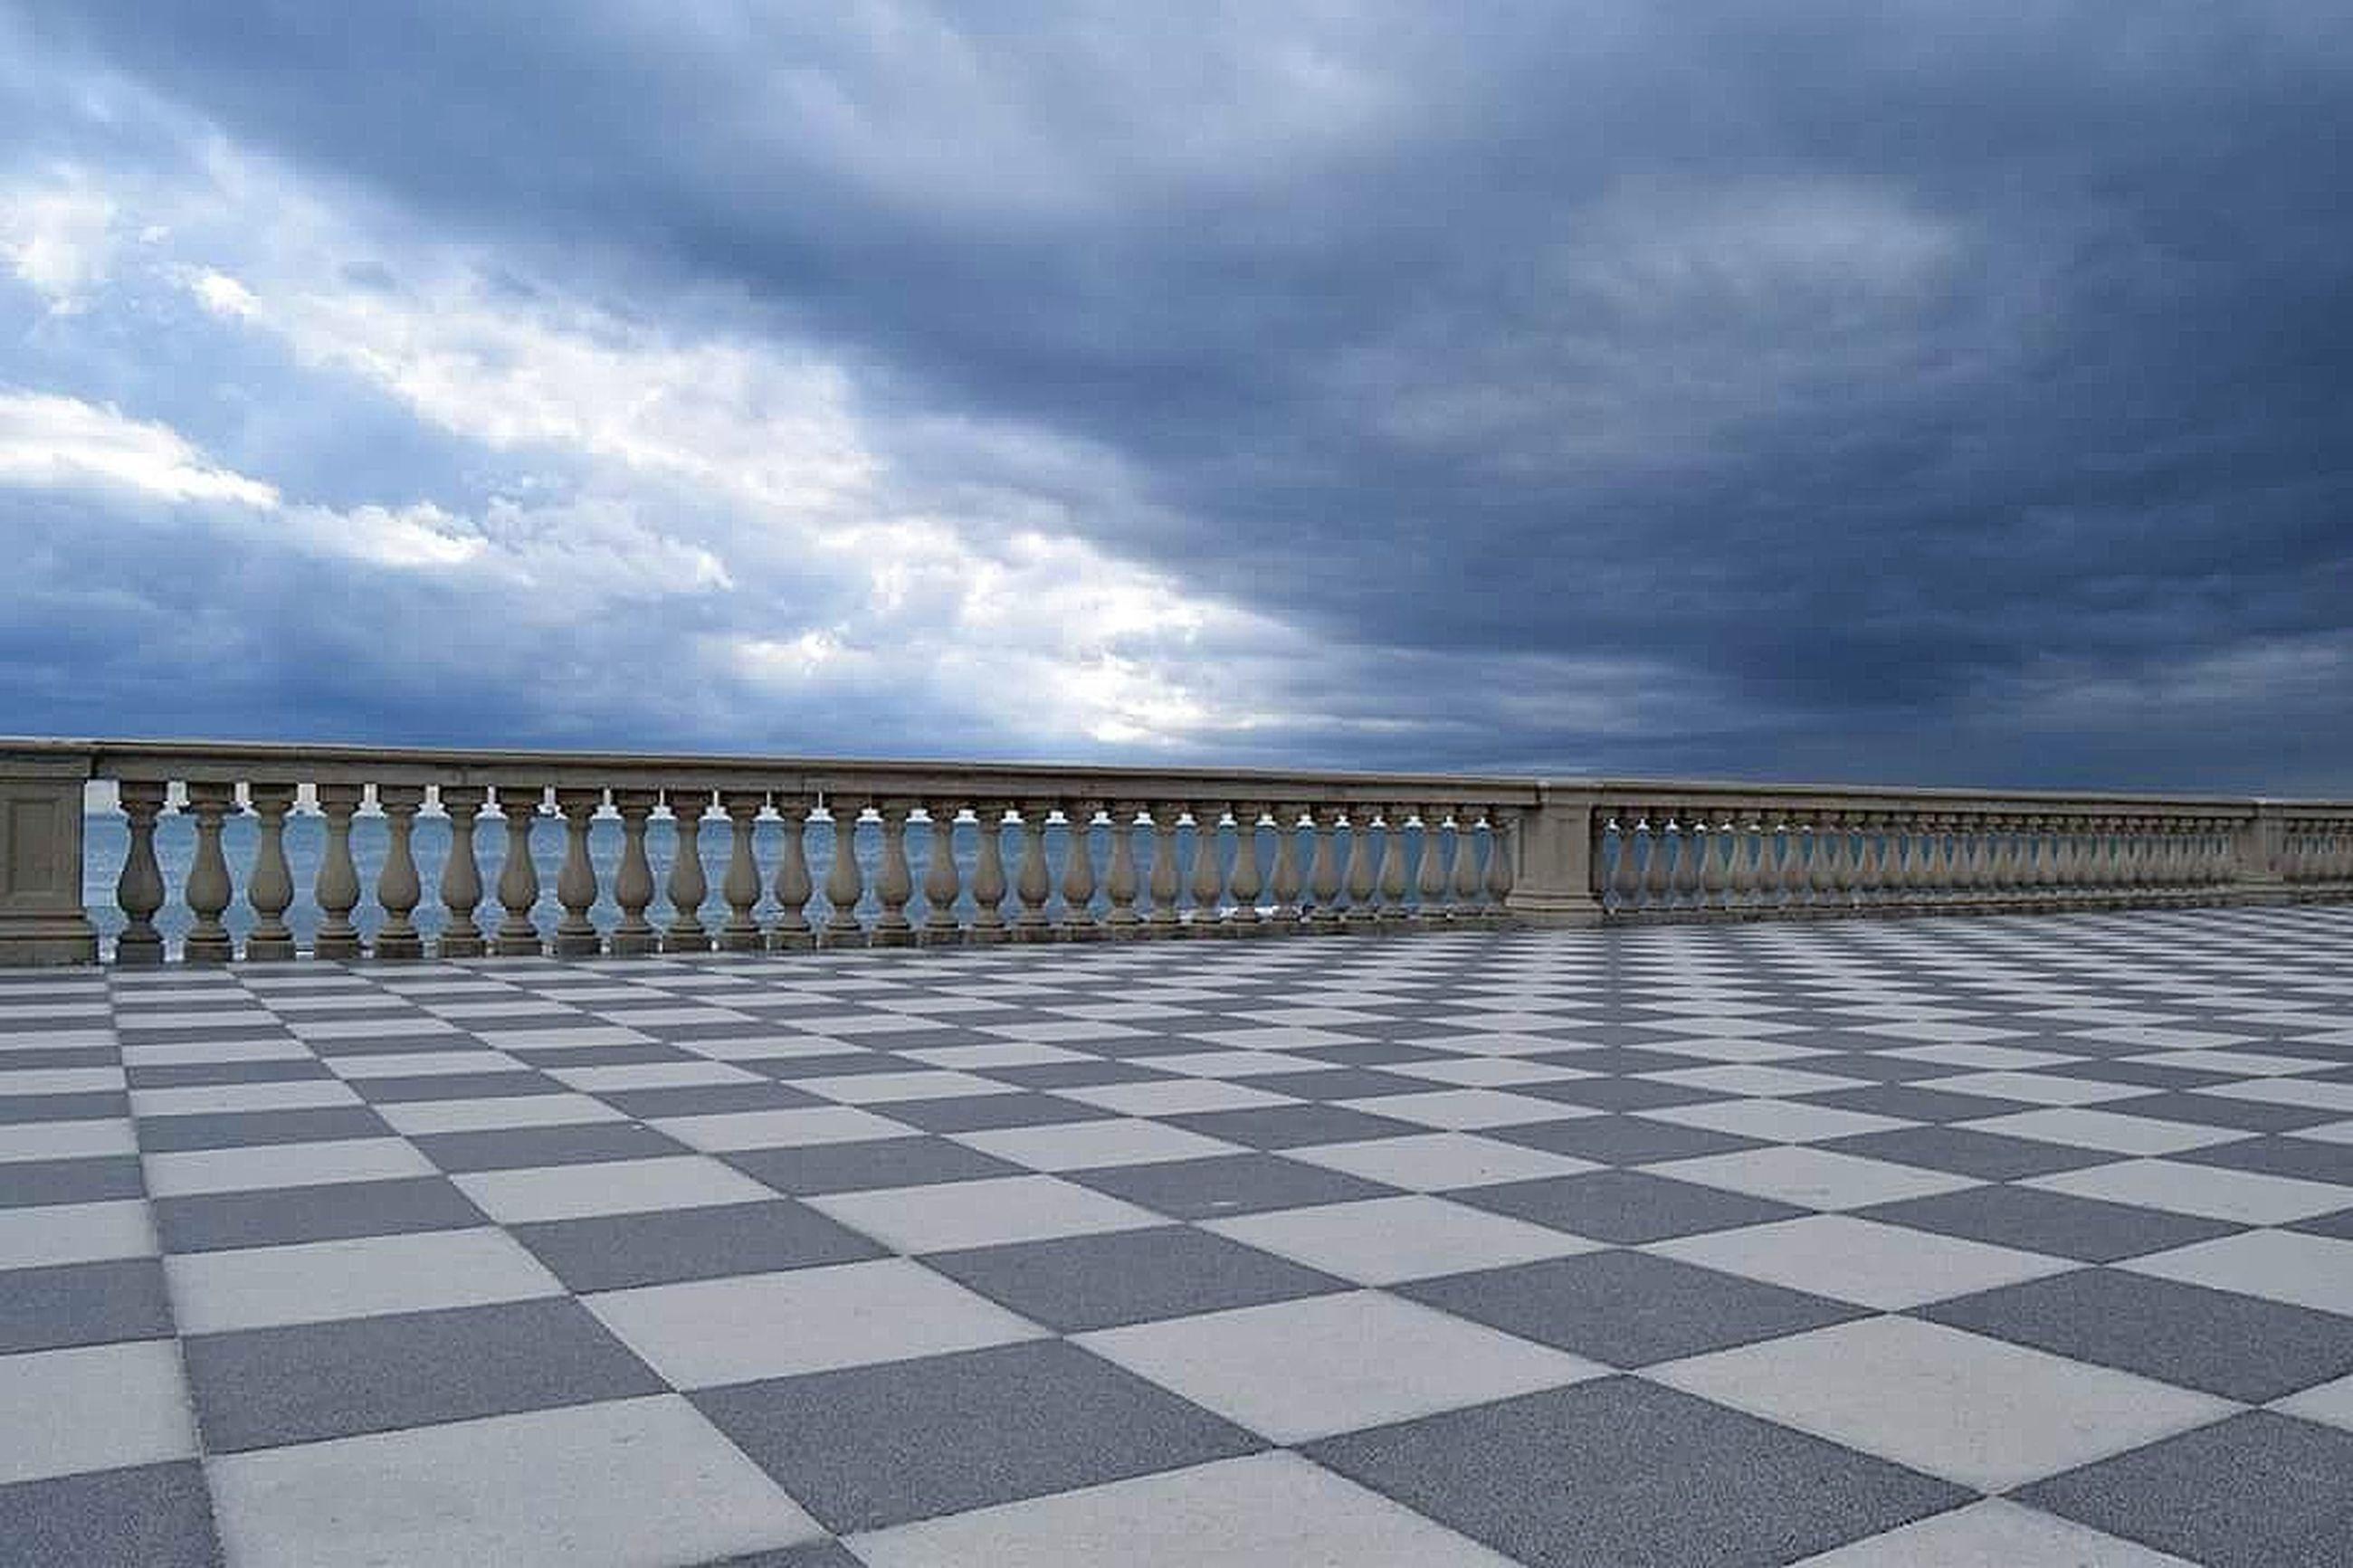 sea, cloud - sky, horizon over water, sky, no people, water, outdoors, day, motorsport